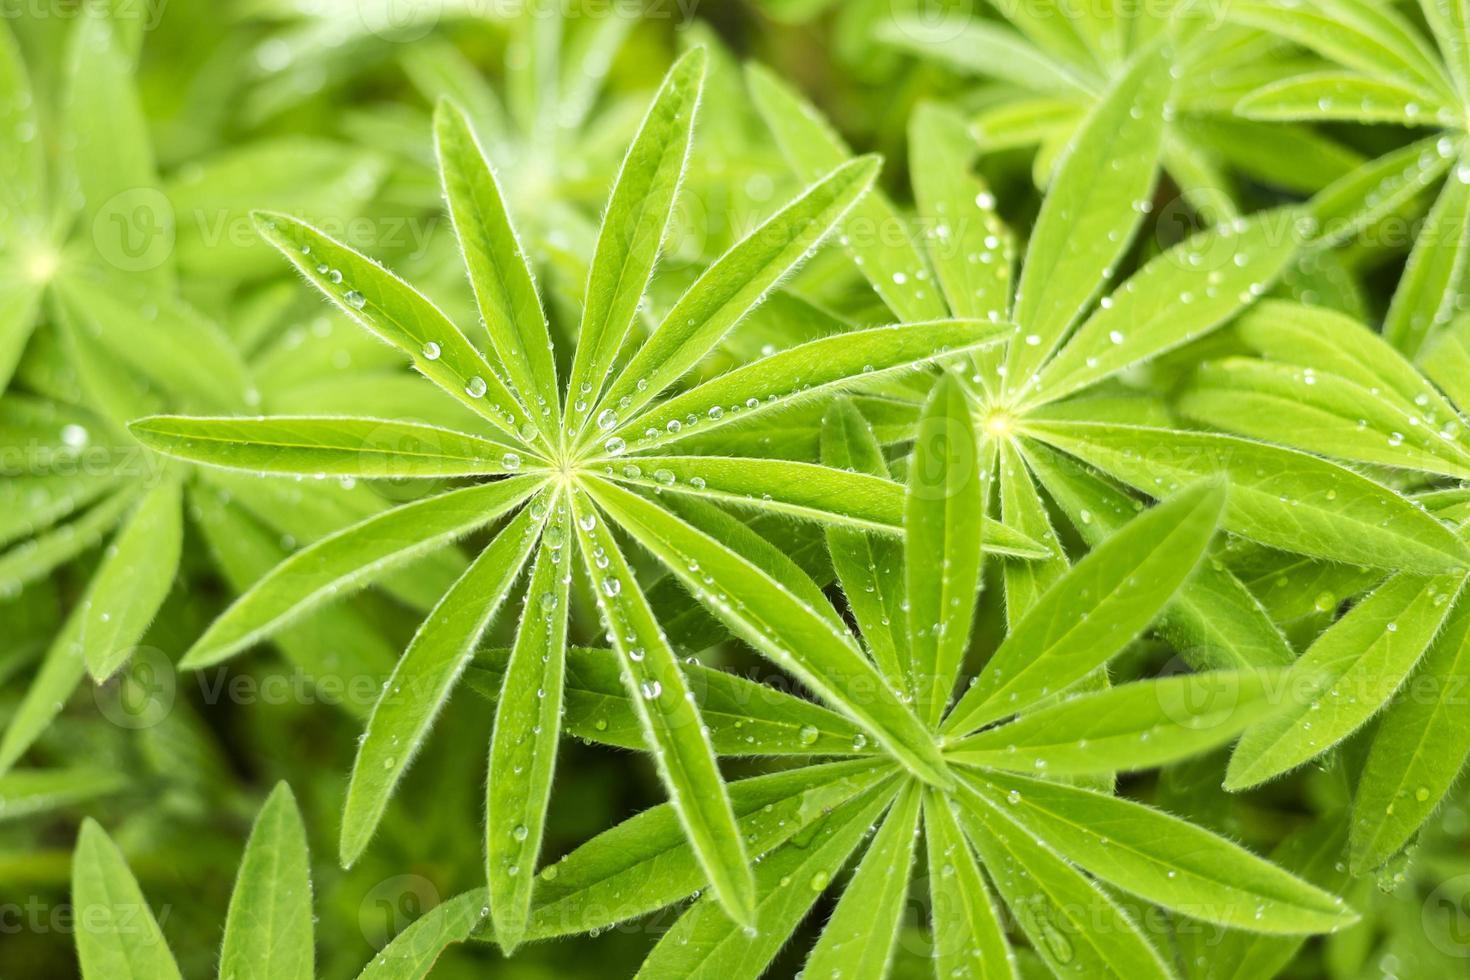 Lupine Blätter Regen Tropfen Hintergrund foto